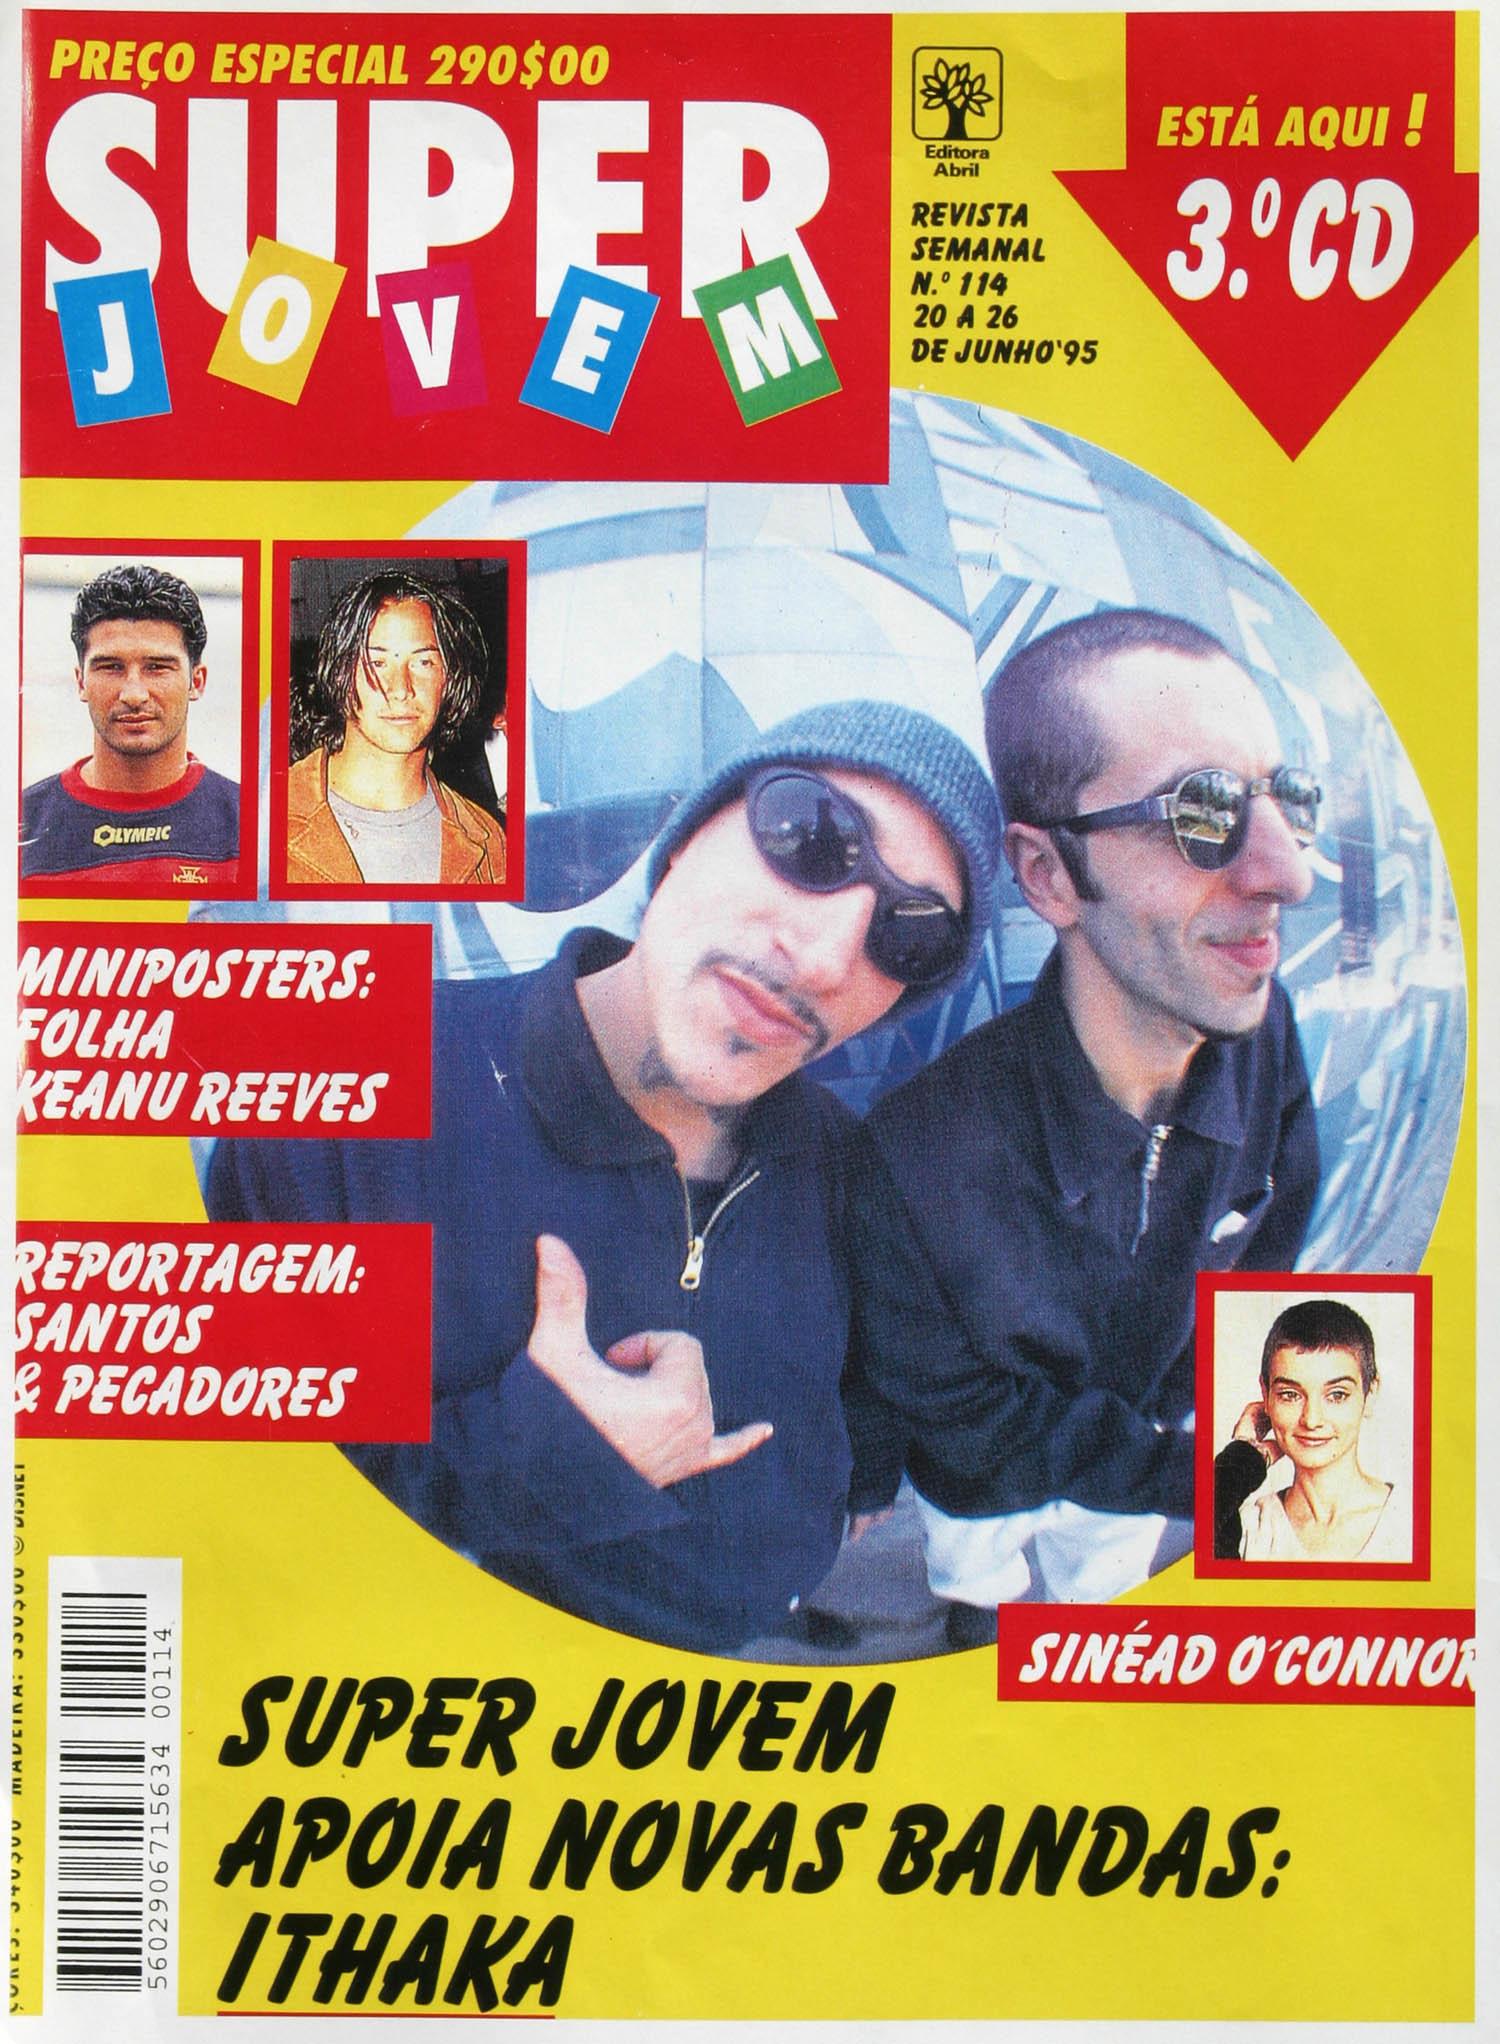 19950620_SuperJovem_Ithaka